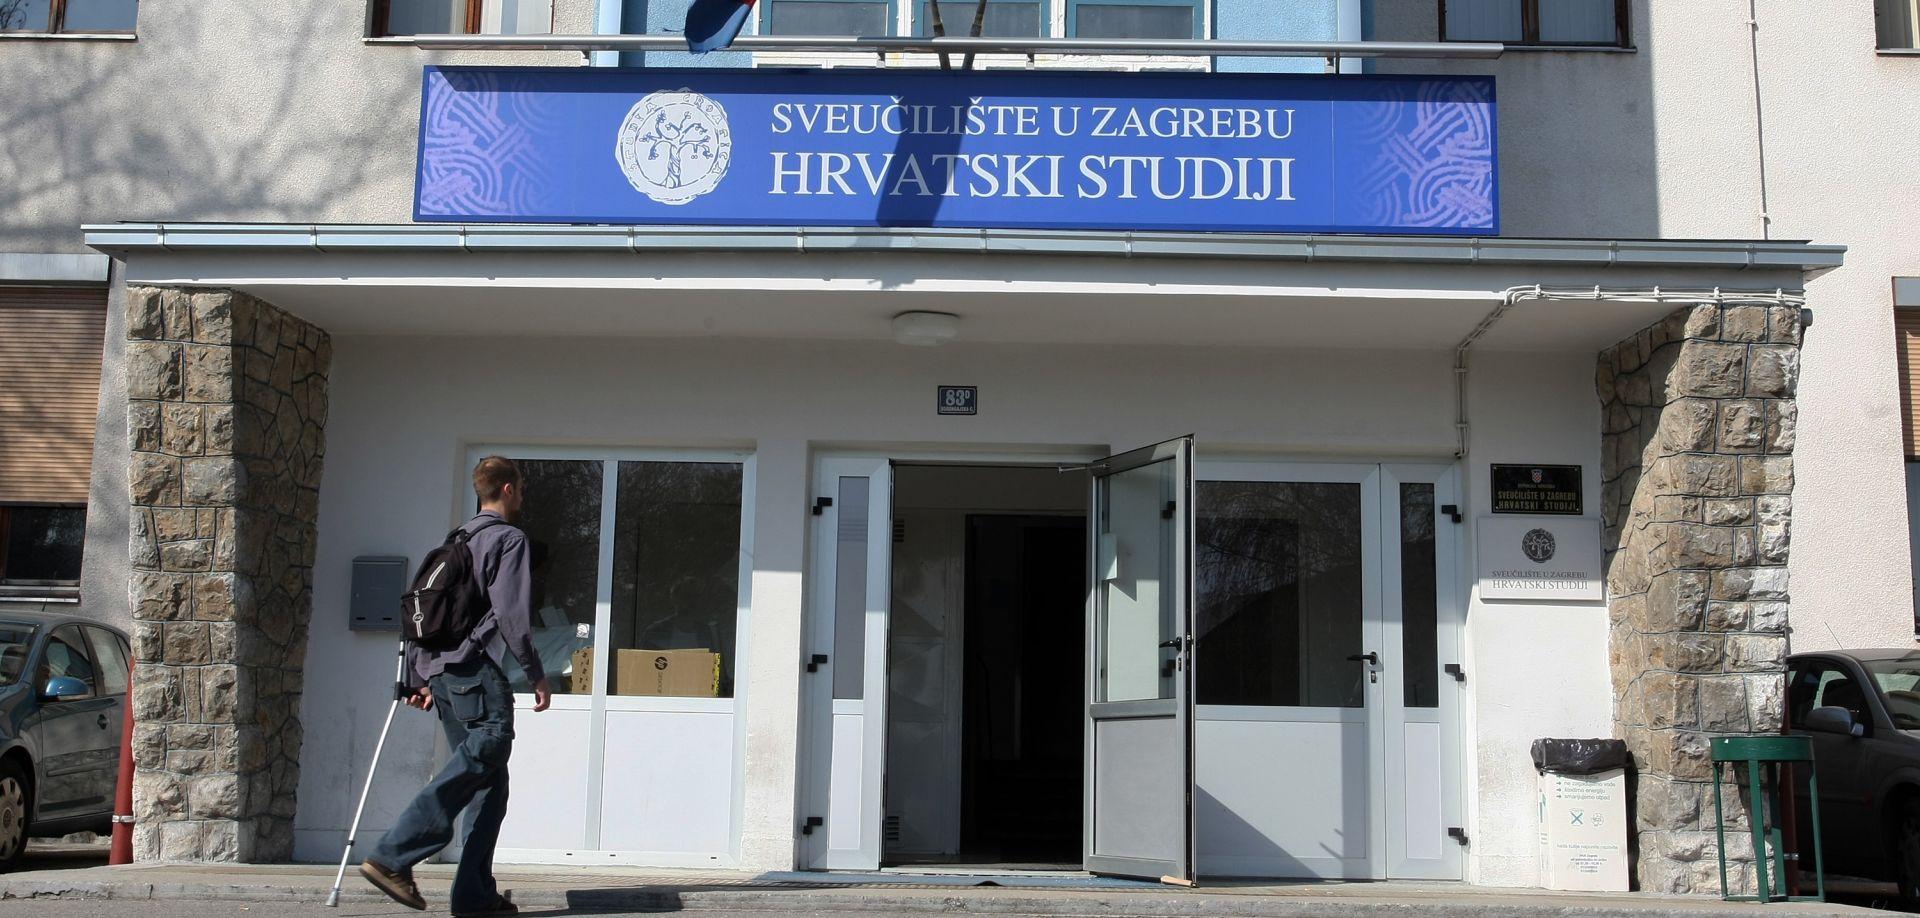 Ukinut studij na kojem rade filozofi koji su prijavili Barišića i Borasa